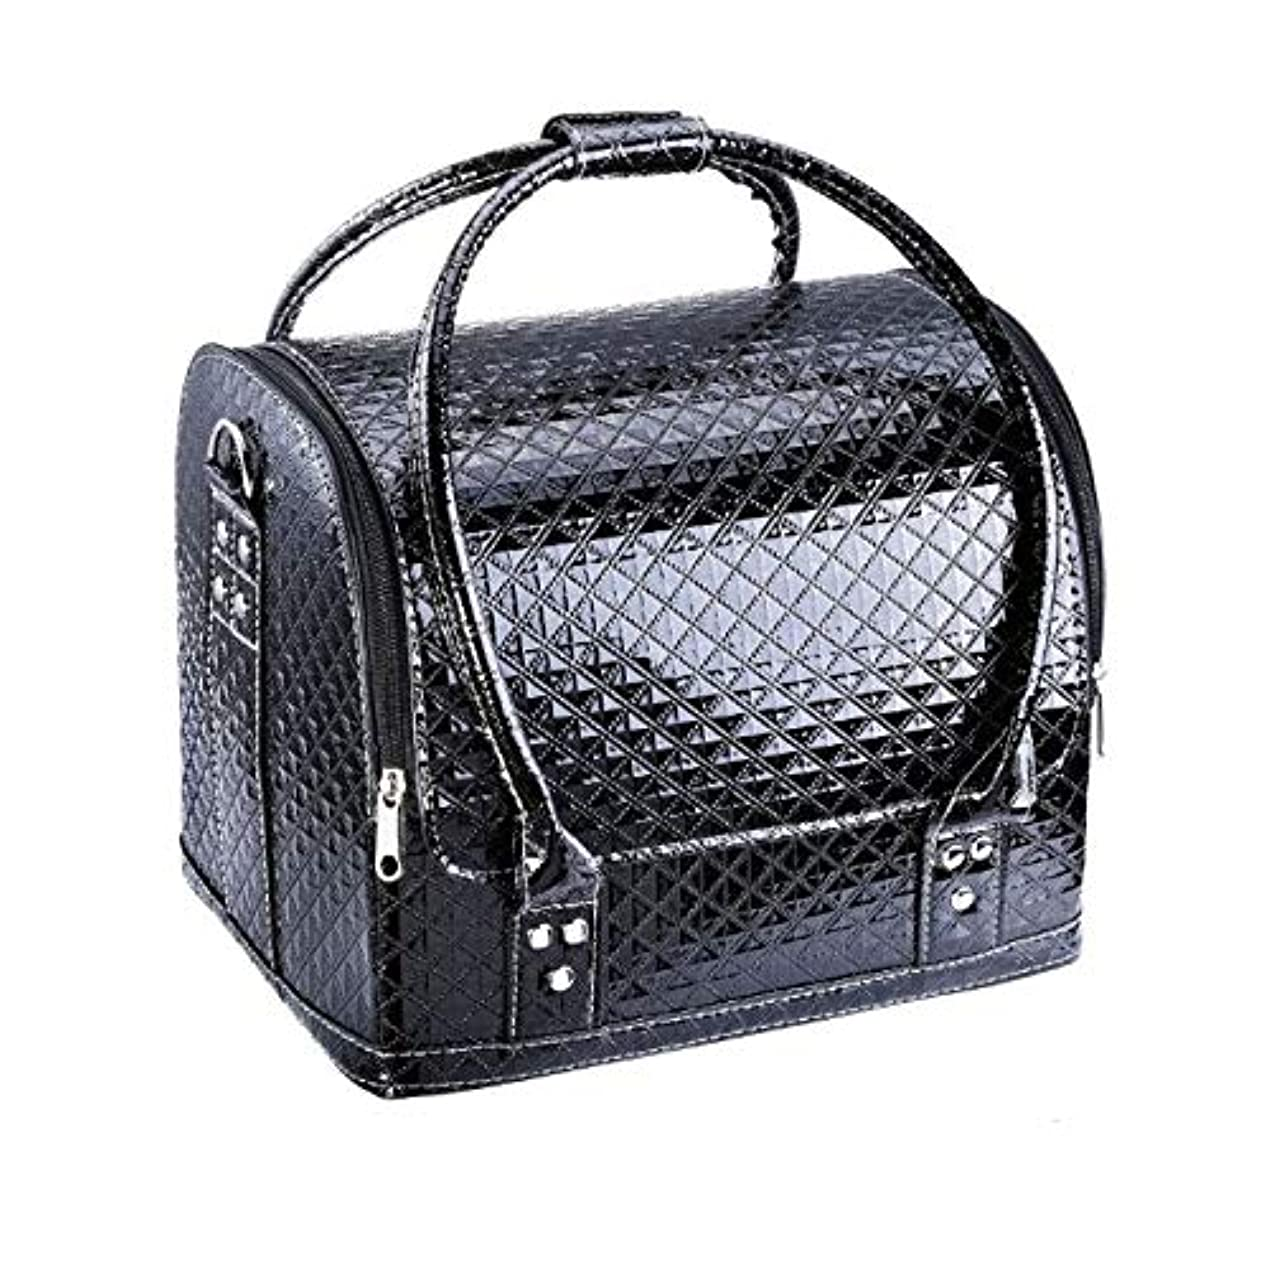 忠実トレイ枯れる化粧箱、大容量ダブルオープンポータブル化粧品ケース、ポータブルダイヤモンドパターン旅行化粧品バッグ、美容ネイルジュエリー収納ボックス